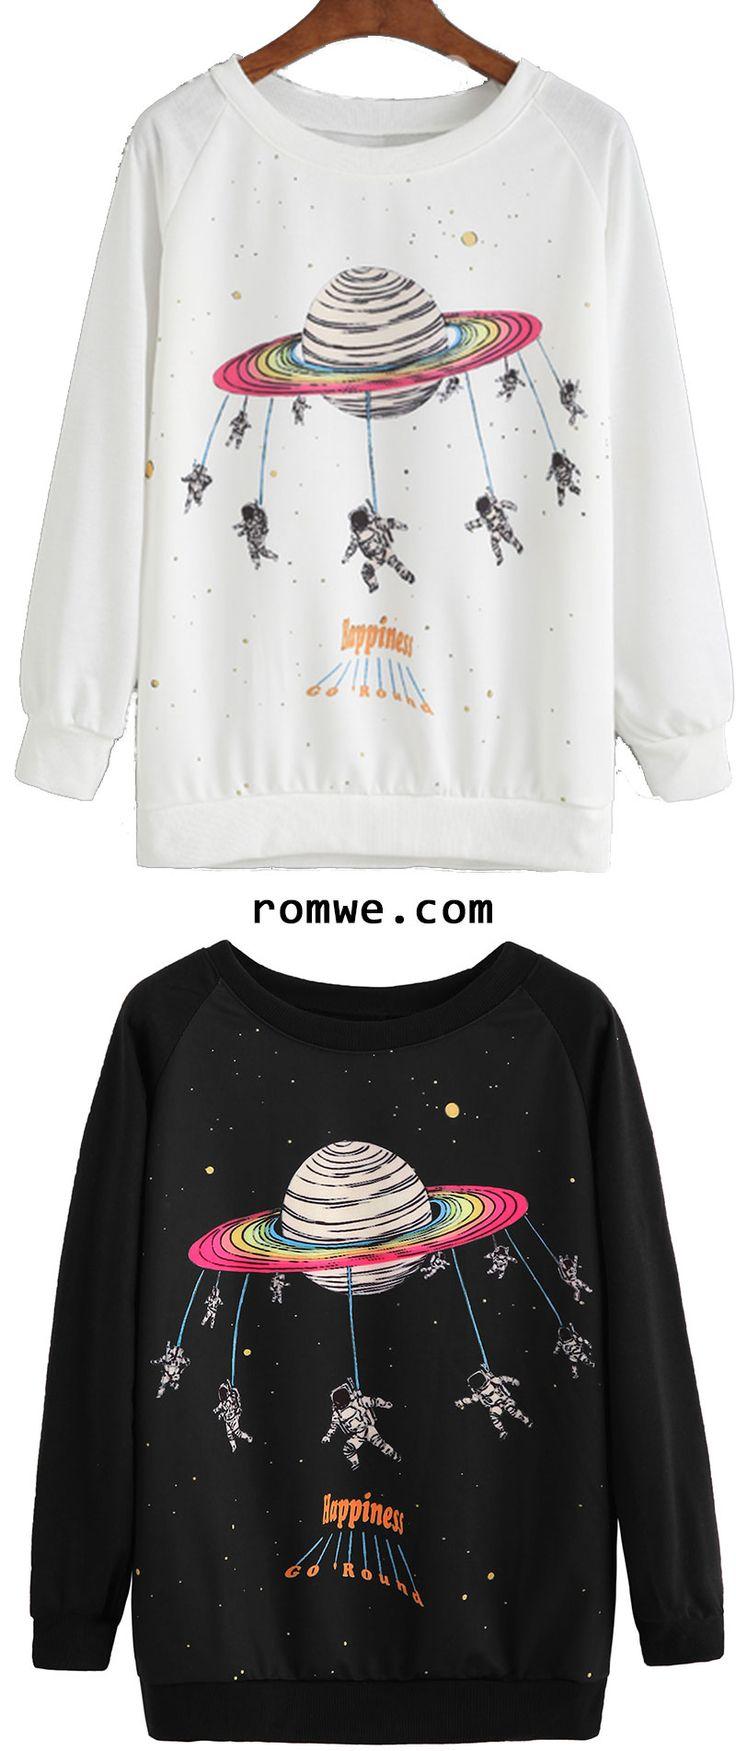 Space Print Raglan Sleeve Sweatshirt